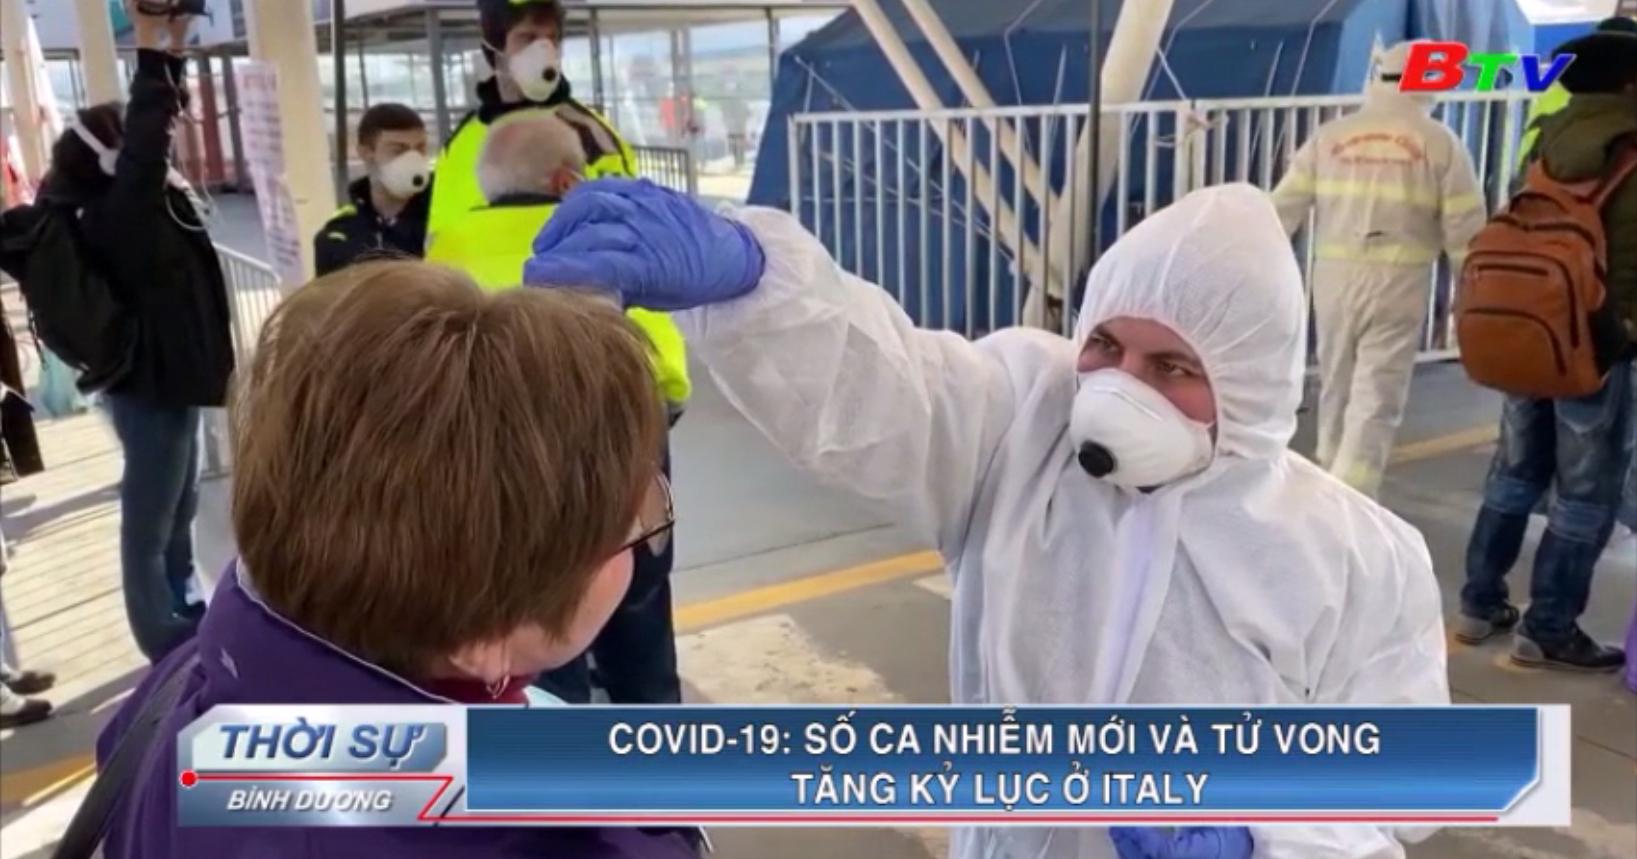 Covid-19 – Số ca nhiễm và tử vong tăng kỷ lục ở Italy